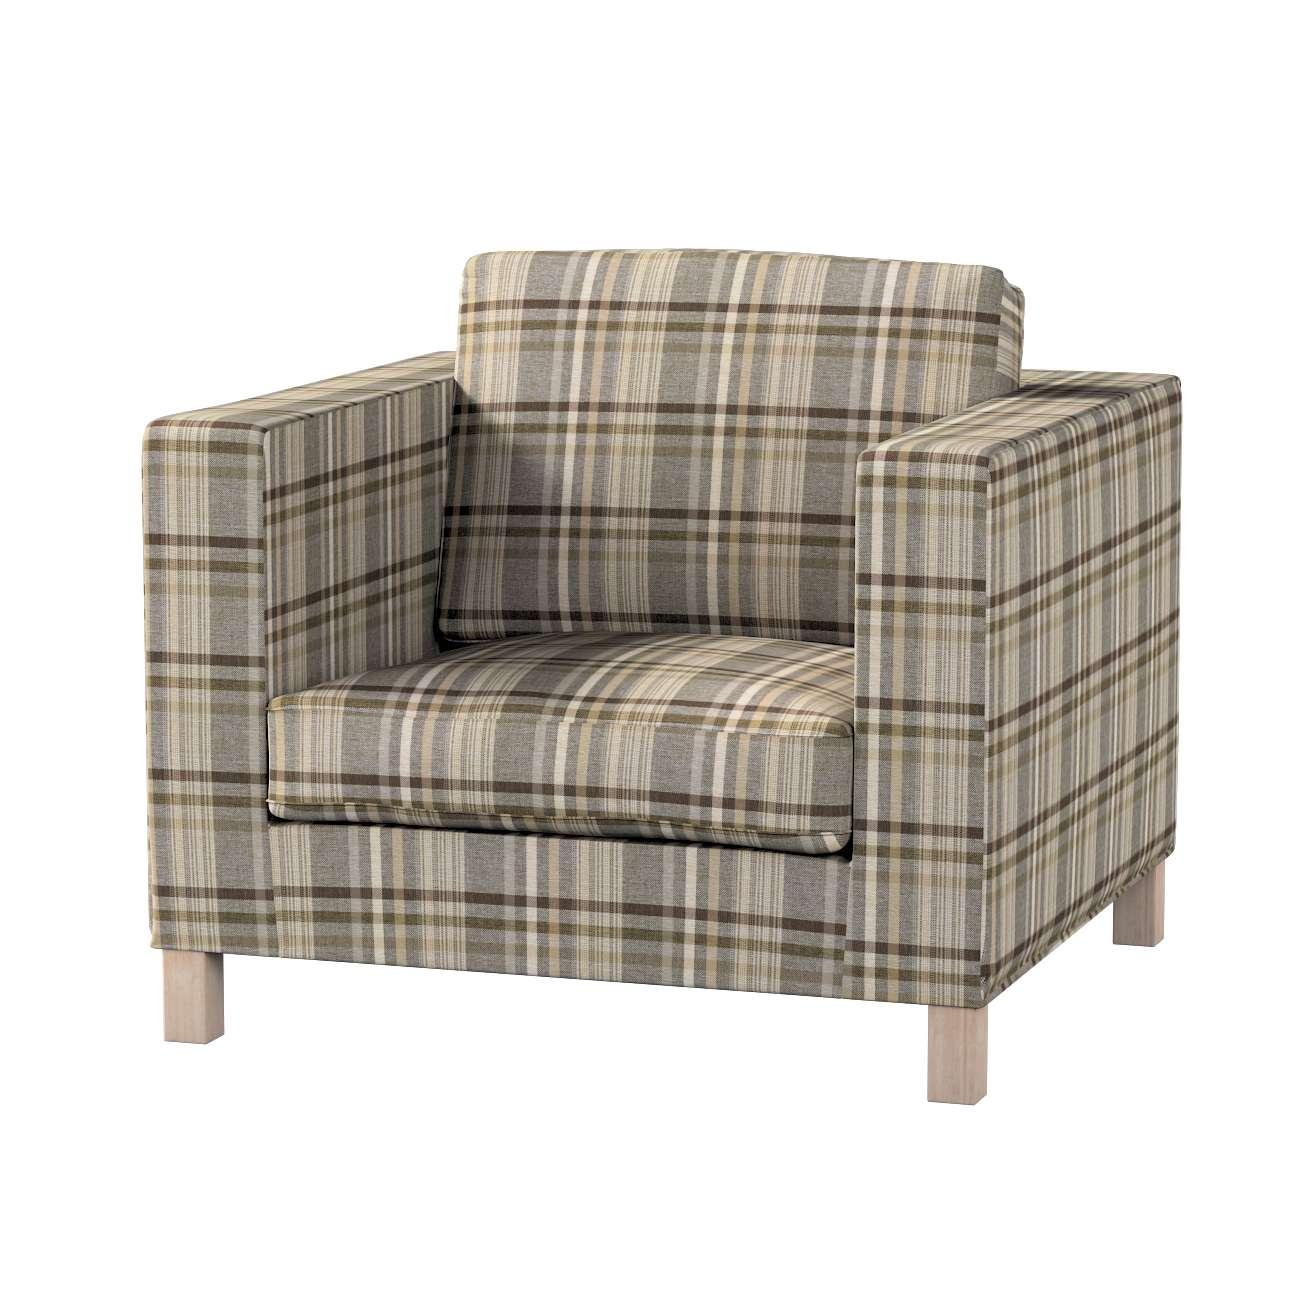 Pokrowiec na fotel Karlanda, krótki w kolekcji Edinburgh, tkanina: 703-17